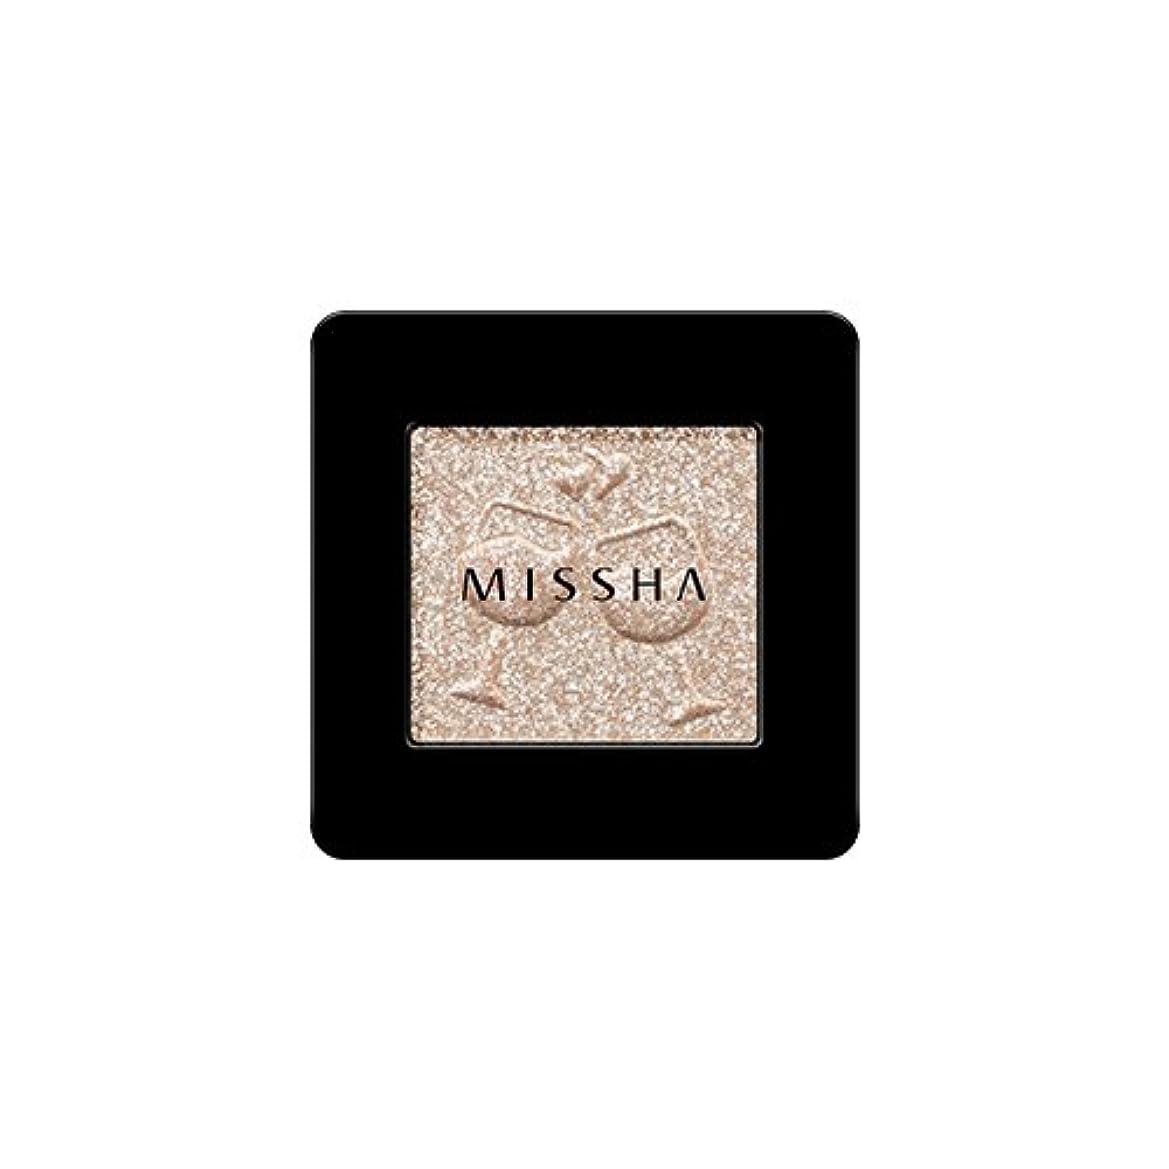 事件、出来事蒸気知らせる[2016 F/W New Color] MISSHA Modern Shadow [Glitter]/ミシャ モダン シャドウ [グリッター] (#GBE03 Vanilla Champagne)